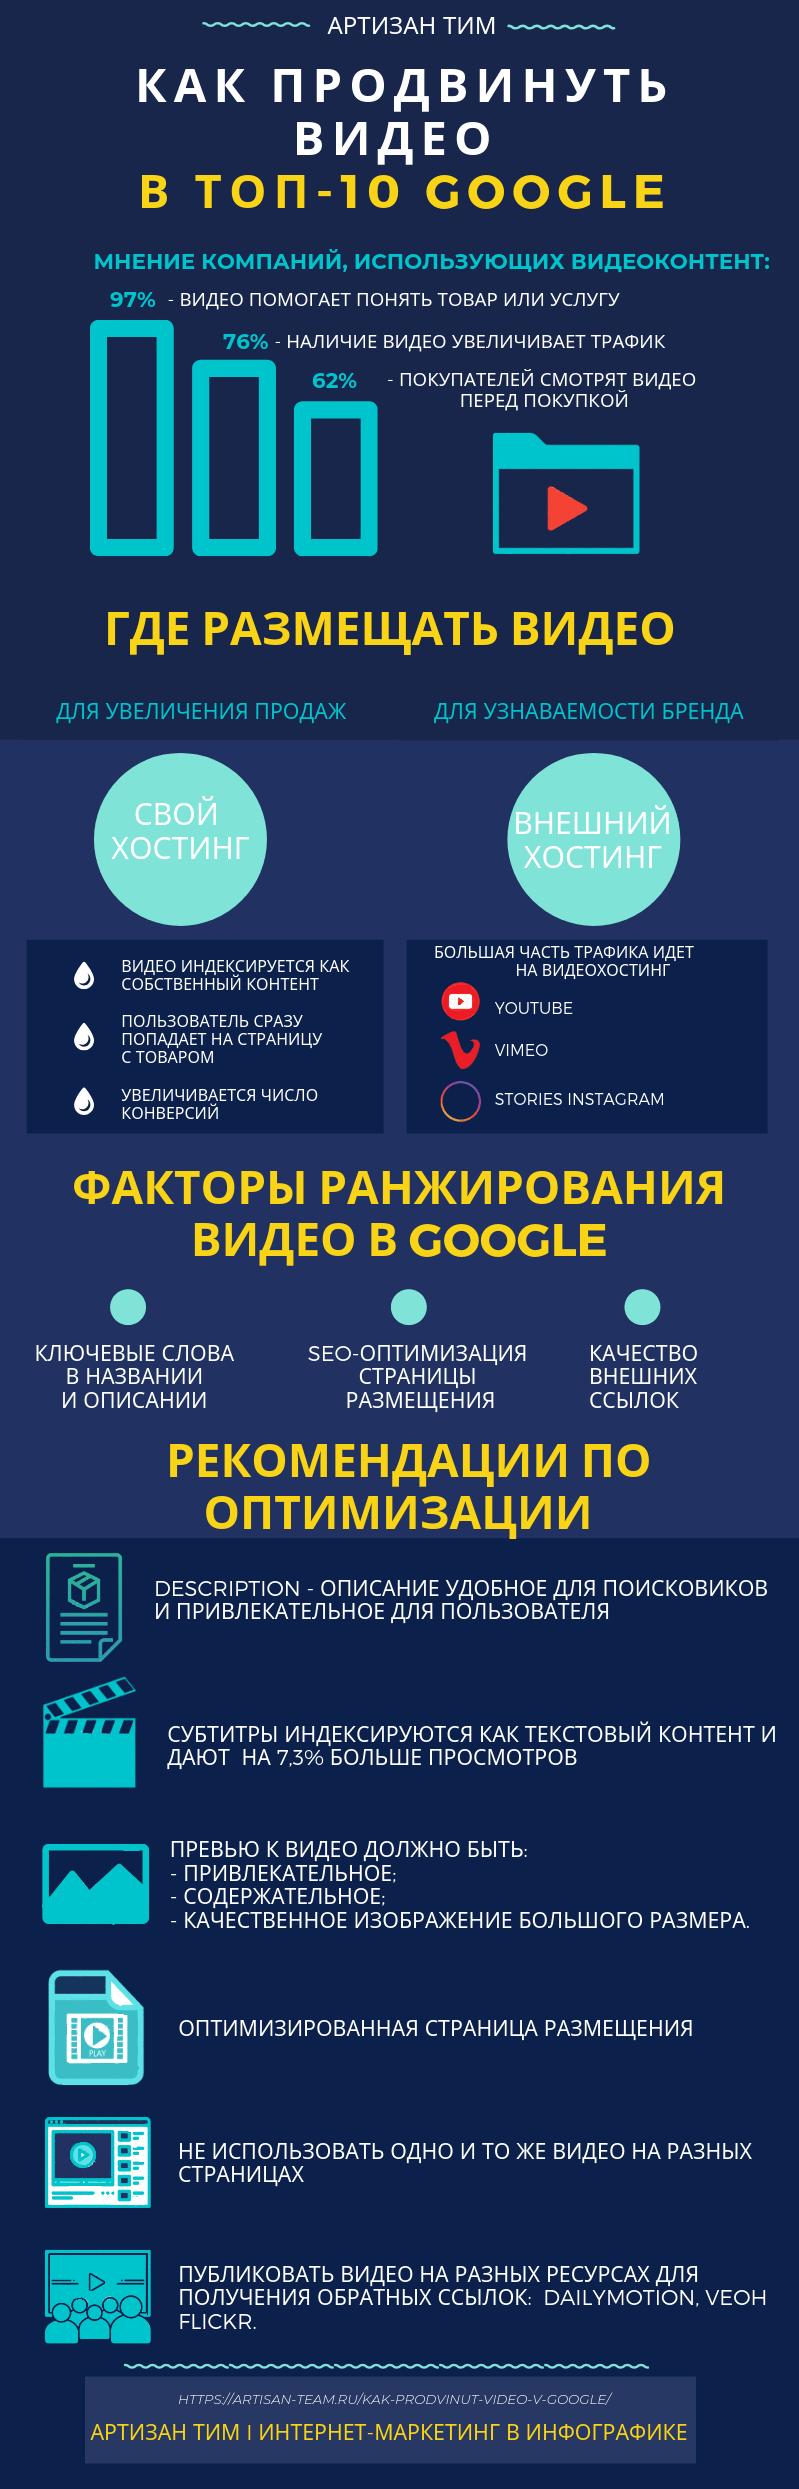 Инфографика по теме факторы ранжирования для видео, оптимизация и продвижение видео в поисковых системах, Артизан Тим, интернет маркетинг